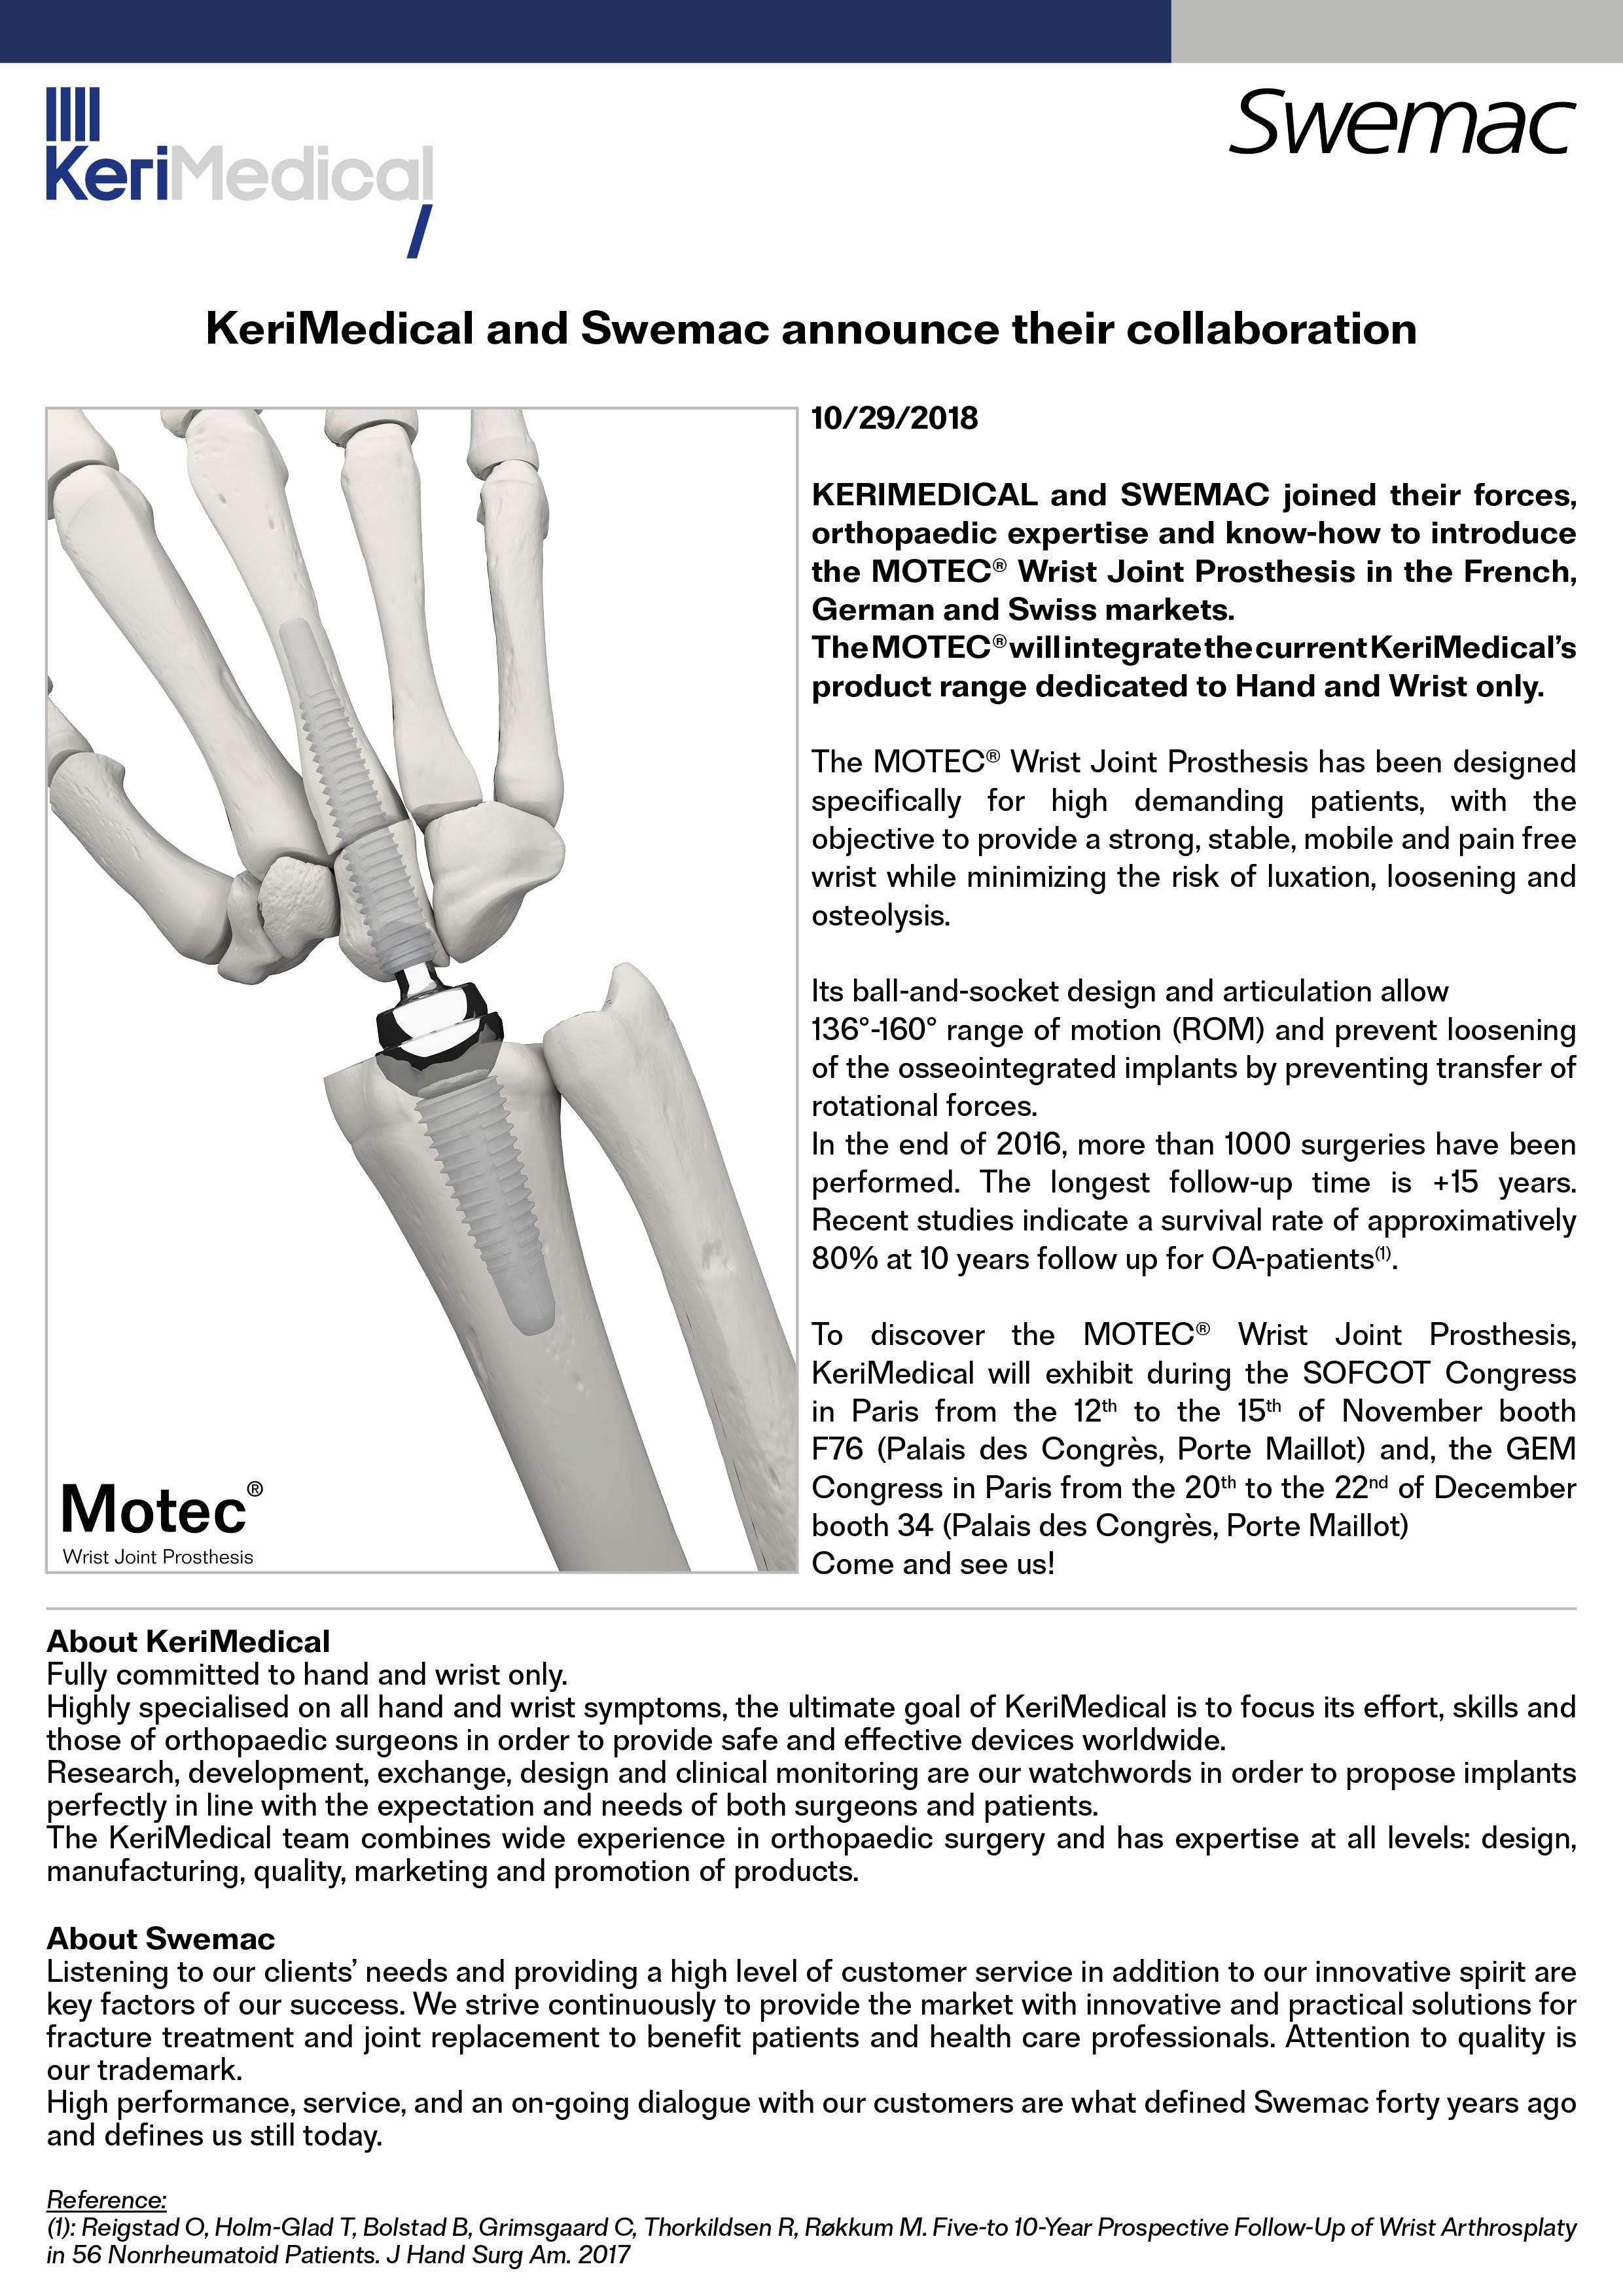 motec-ancillaire-poignet-prothese-wrist-prosthesis-kerimedical